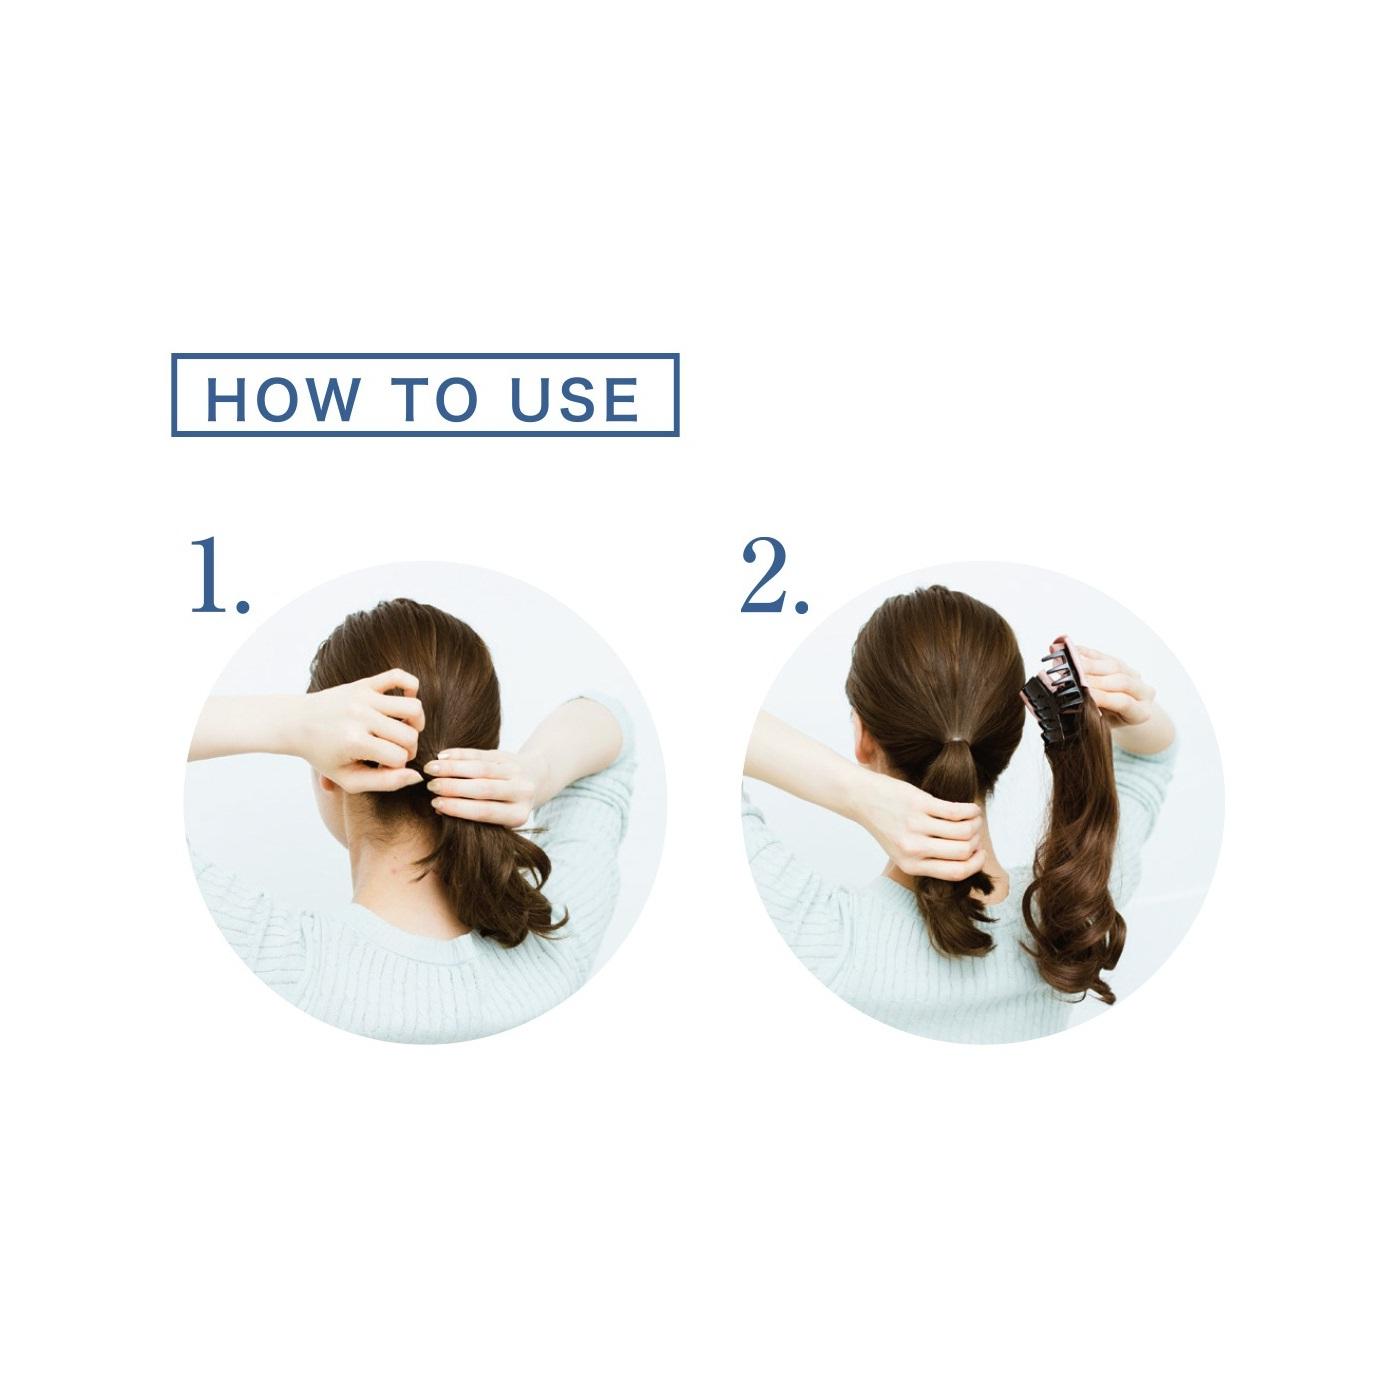 1.髪をひと束にまとめる。ボリュームやニュアンスはお好みで。 2.結び目にクリップをはさむだけ! ワンタッチで華やぎアップ。